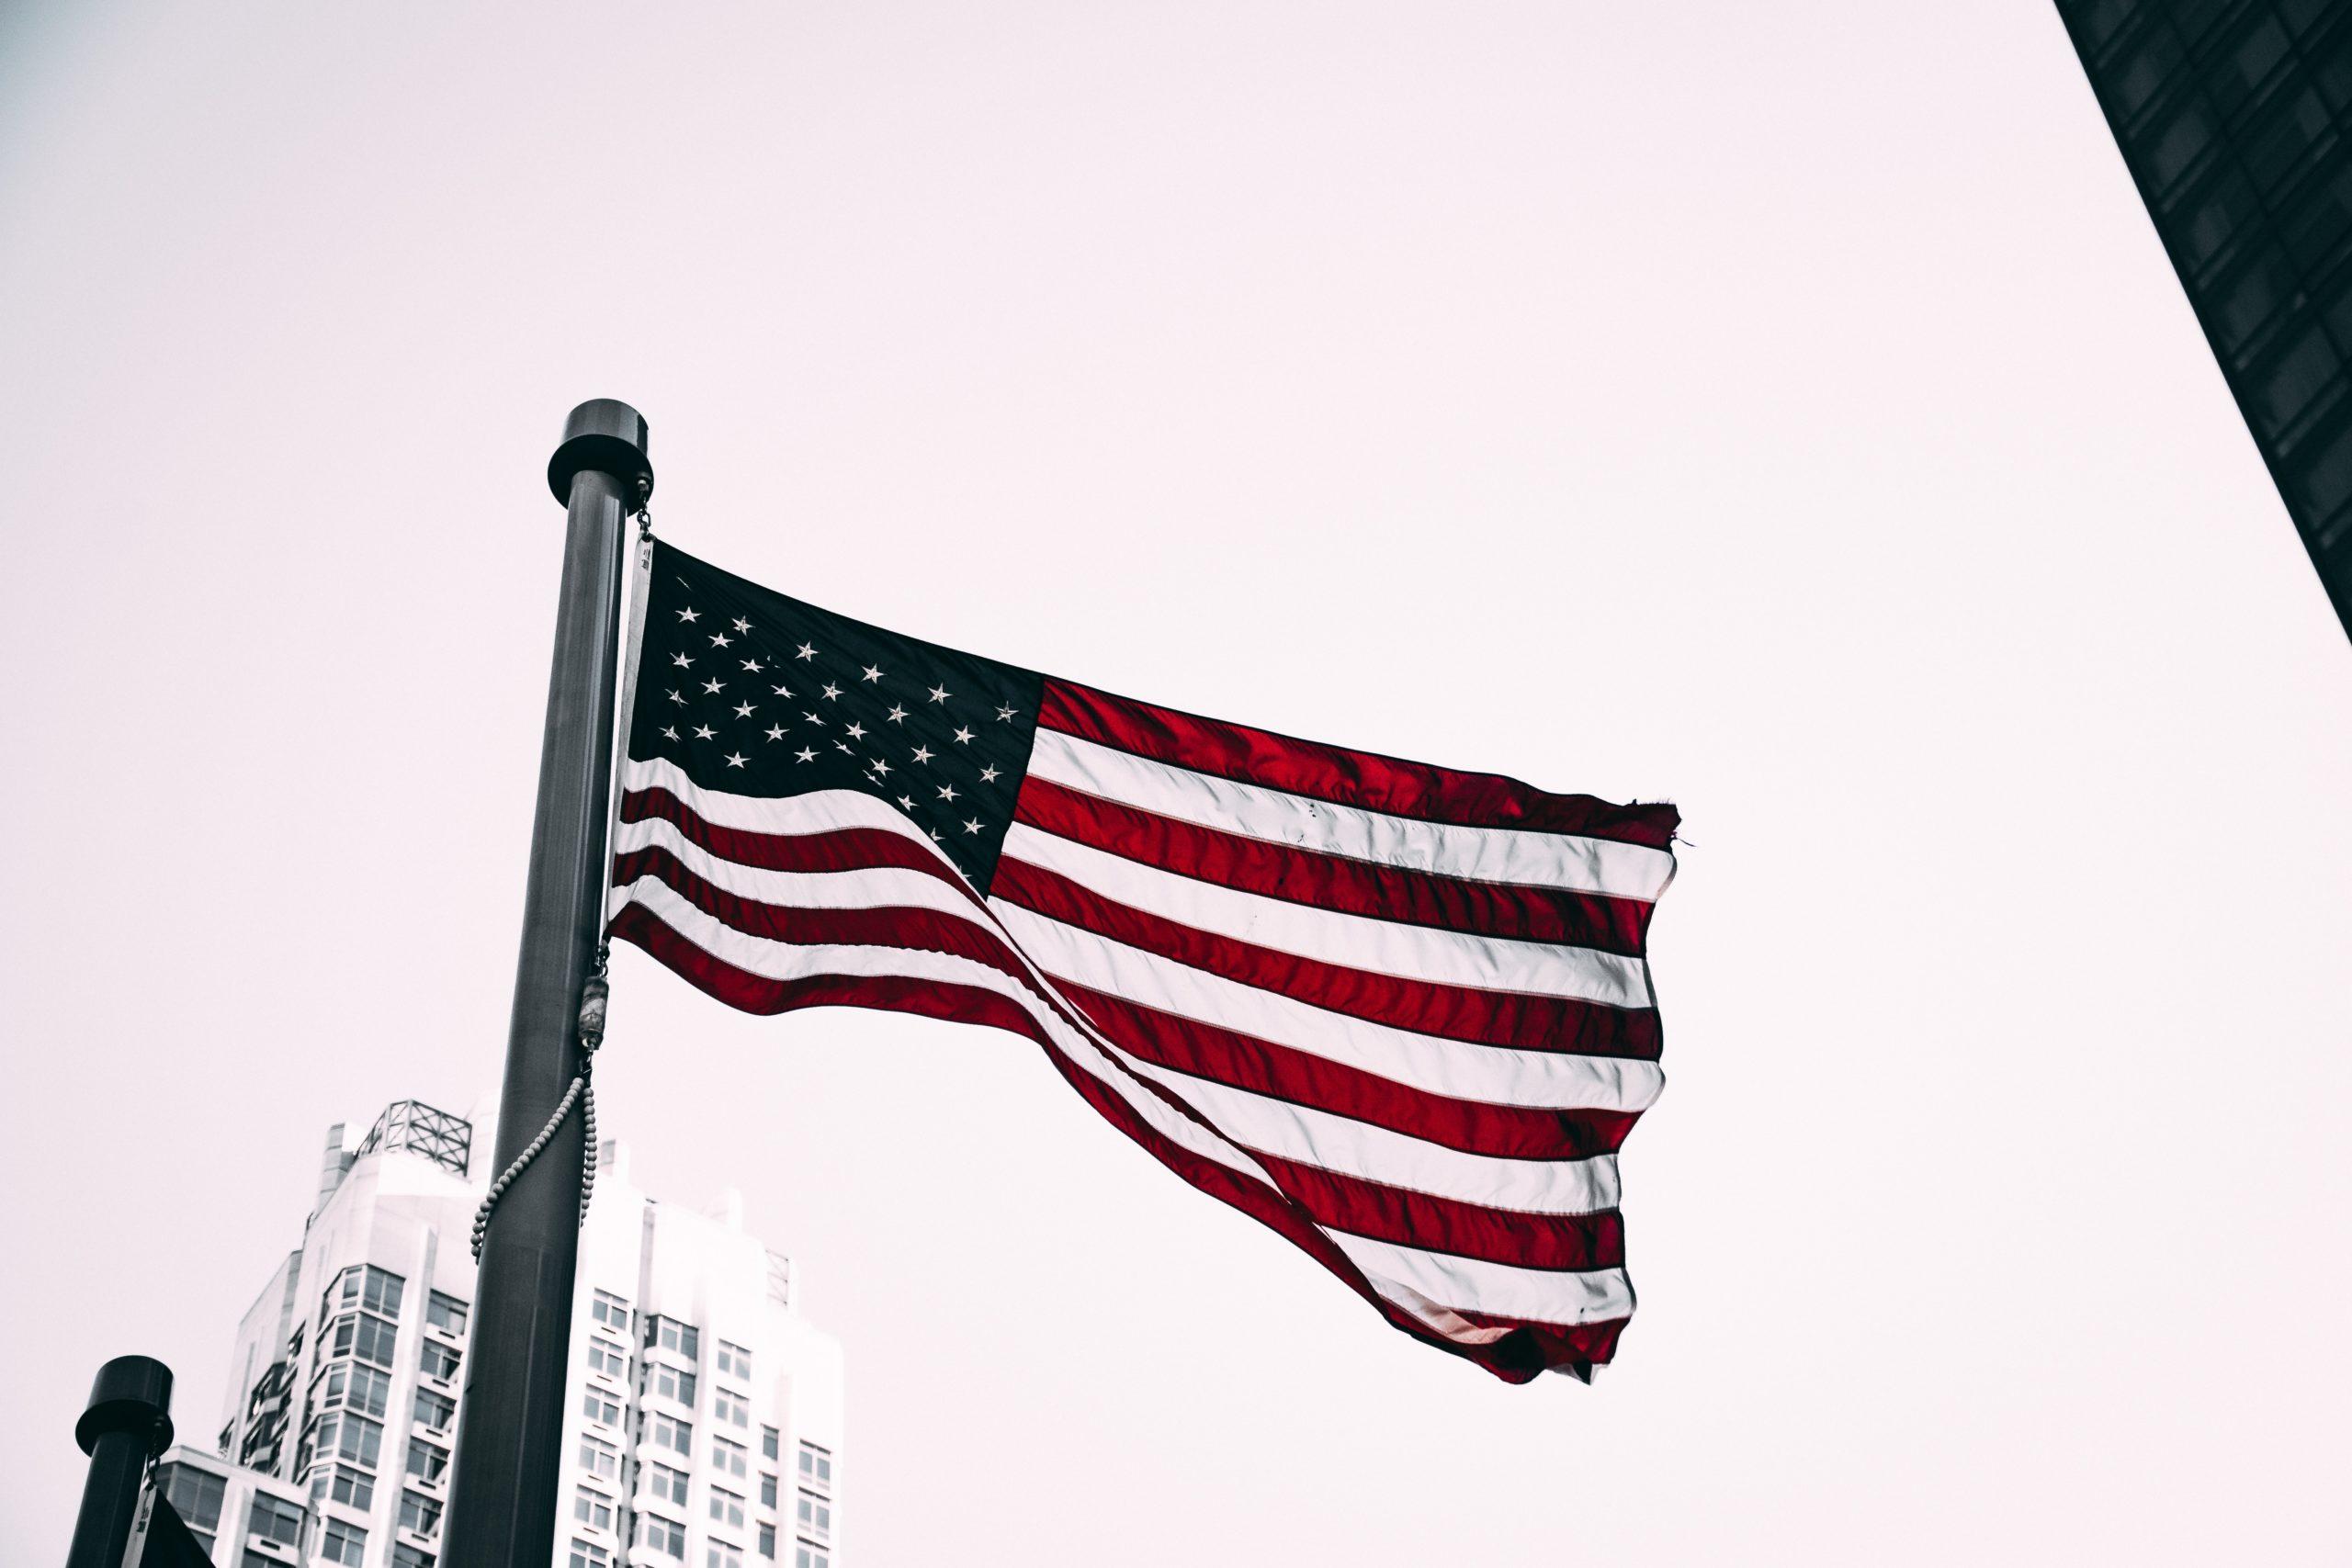 Krótki raport o USA. Pakiet stymulacyjny i jego przyszłość w kontekście amerykańskich wyborów